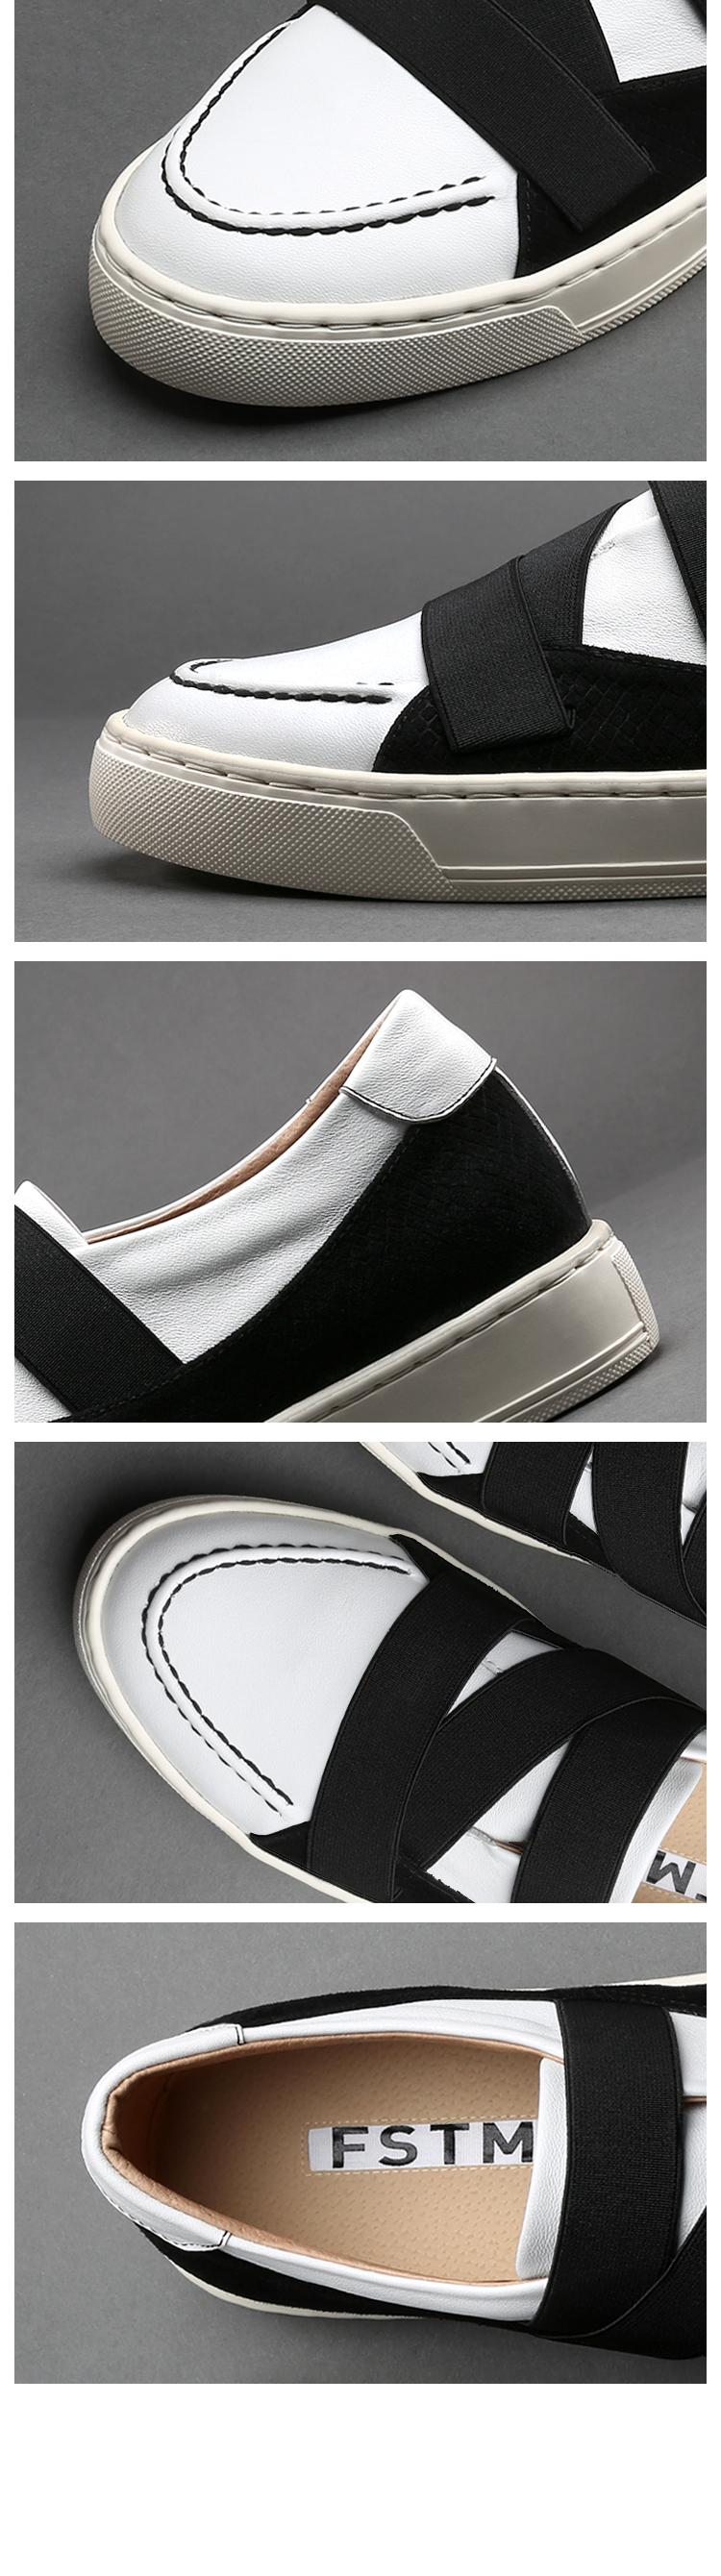 풀스팀(FULL STEAM) Sneakers_Colin FDA208-BK